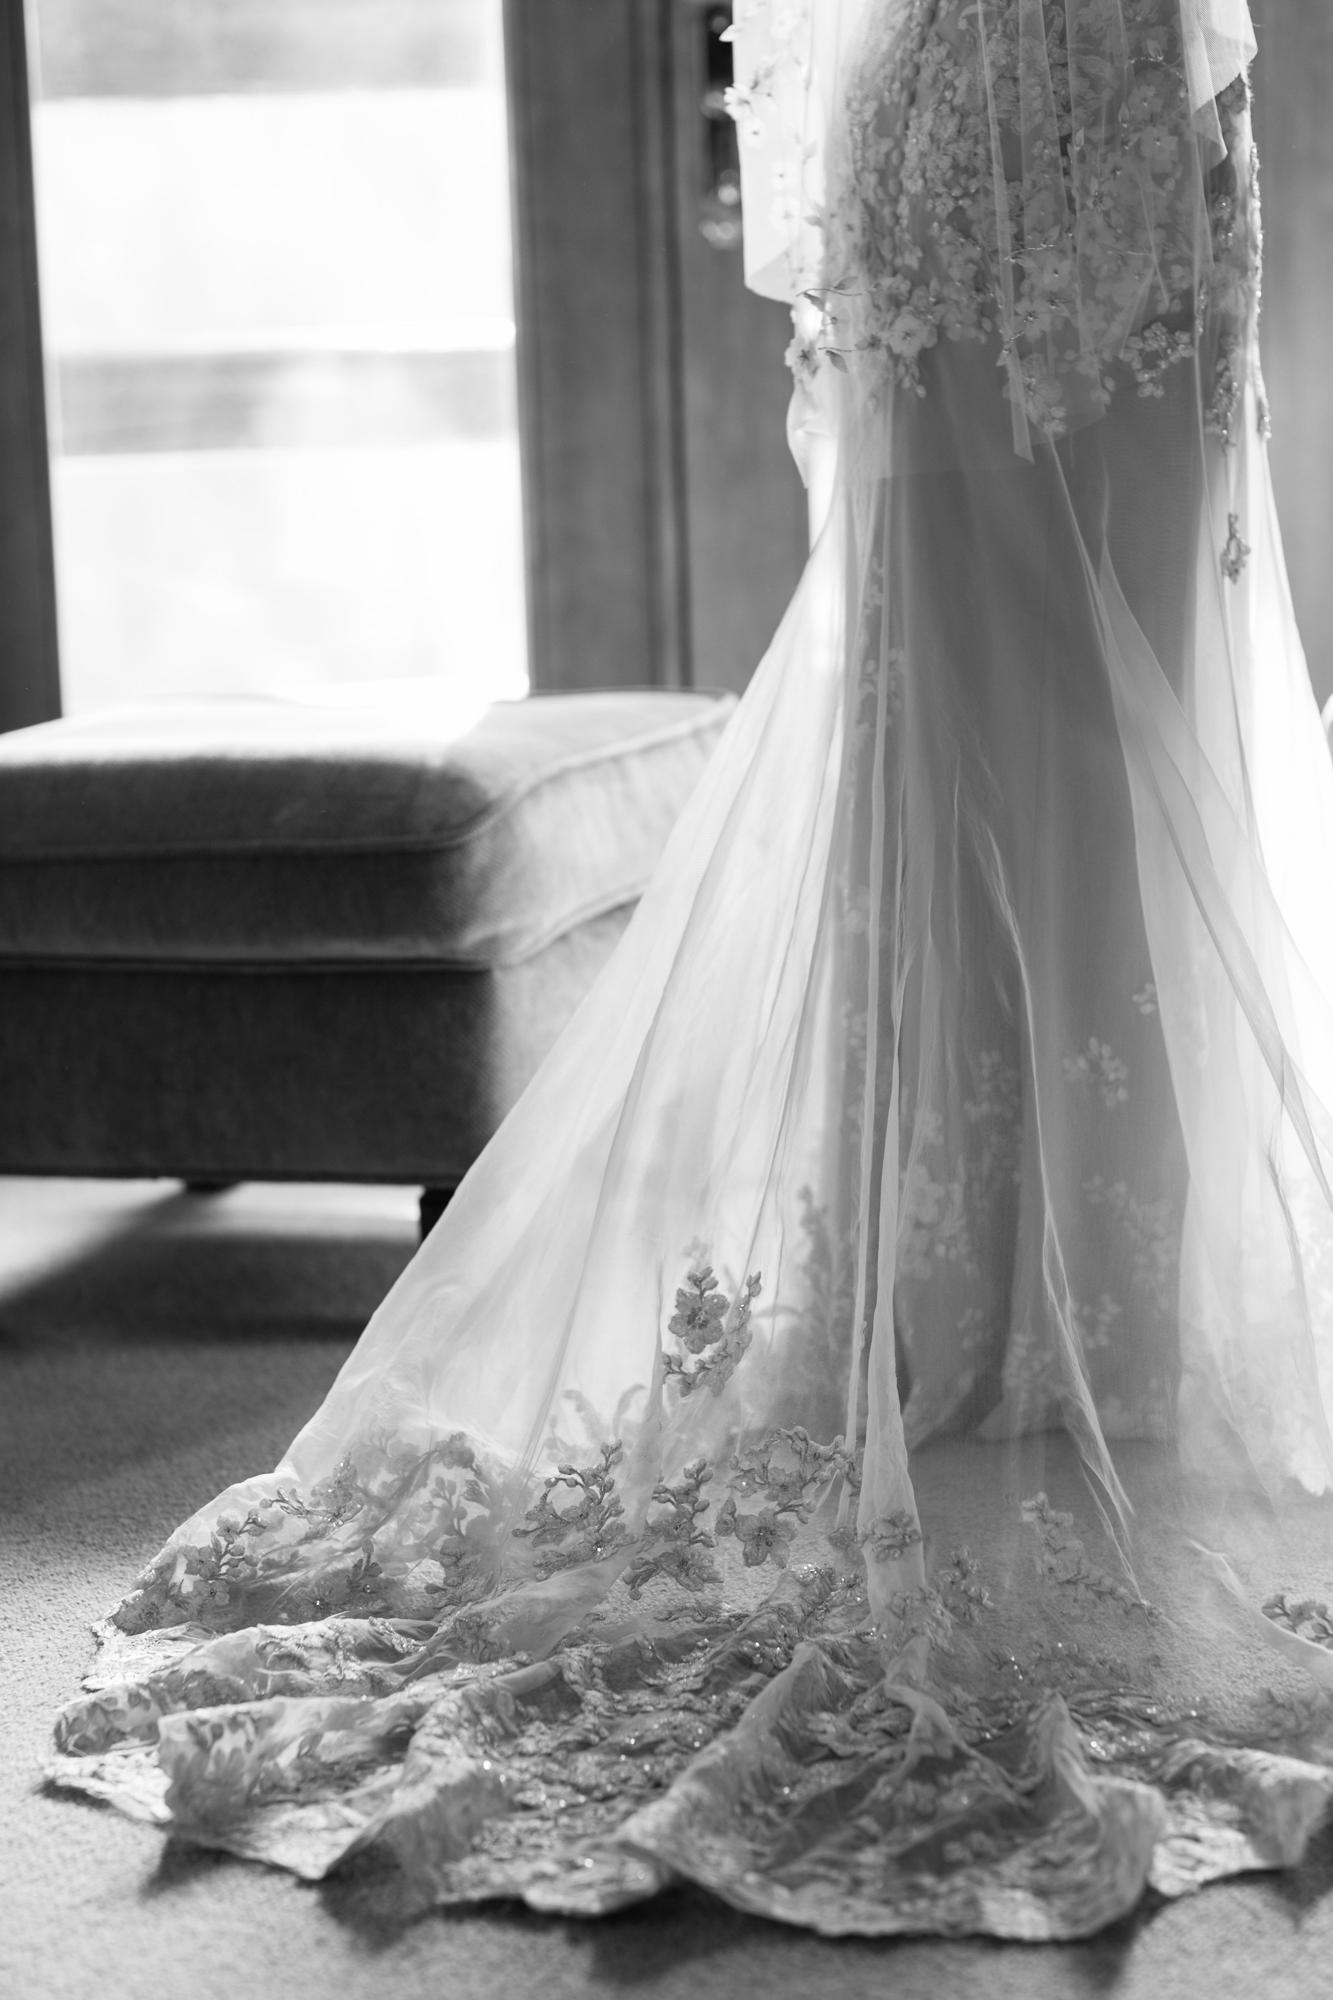 stein-eriksen-wedding-photography-6.jpg